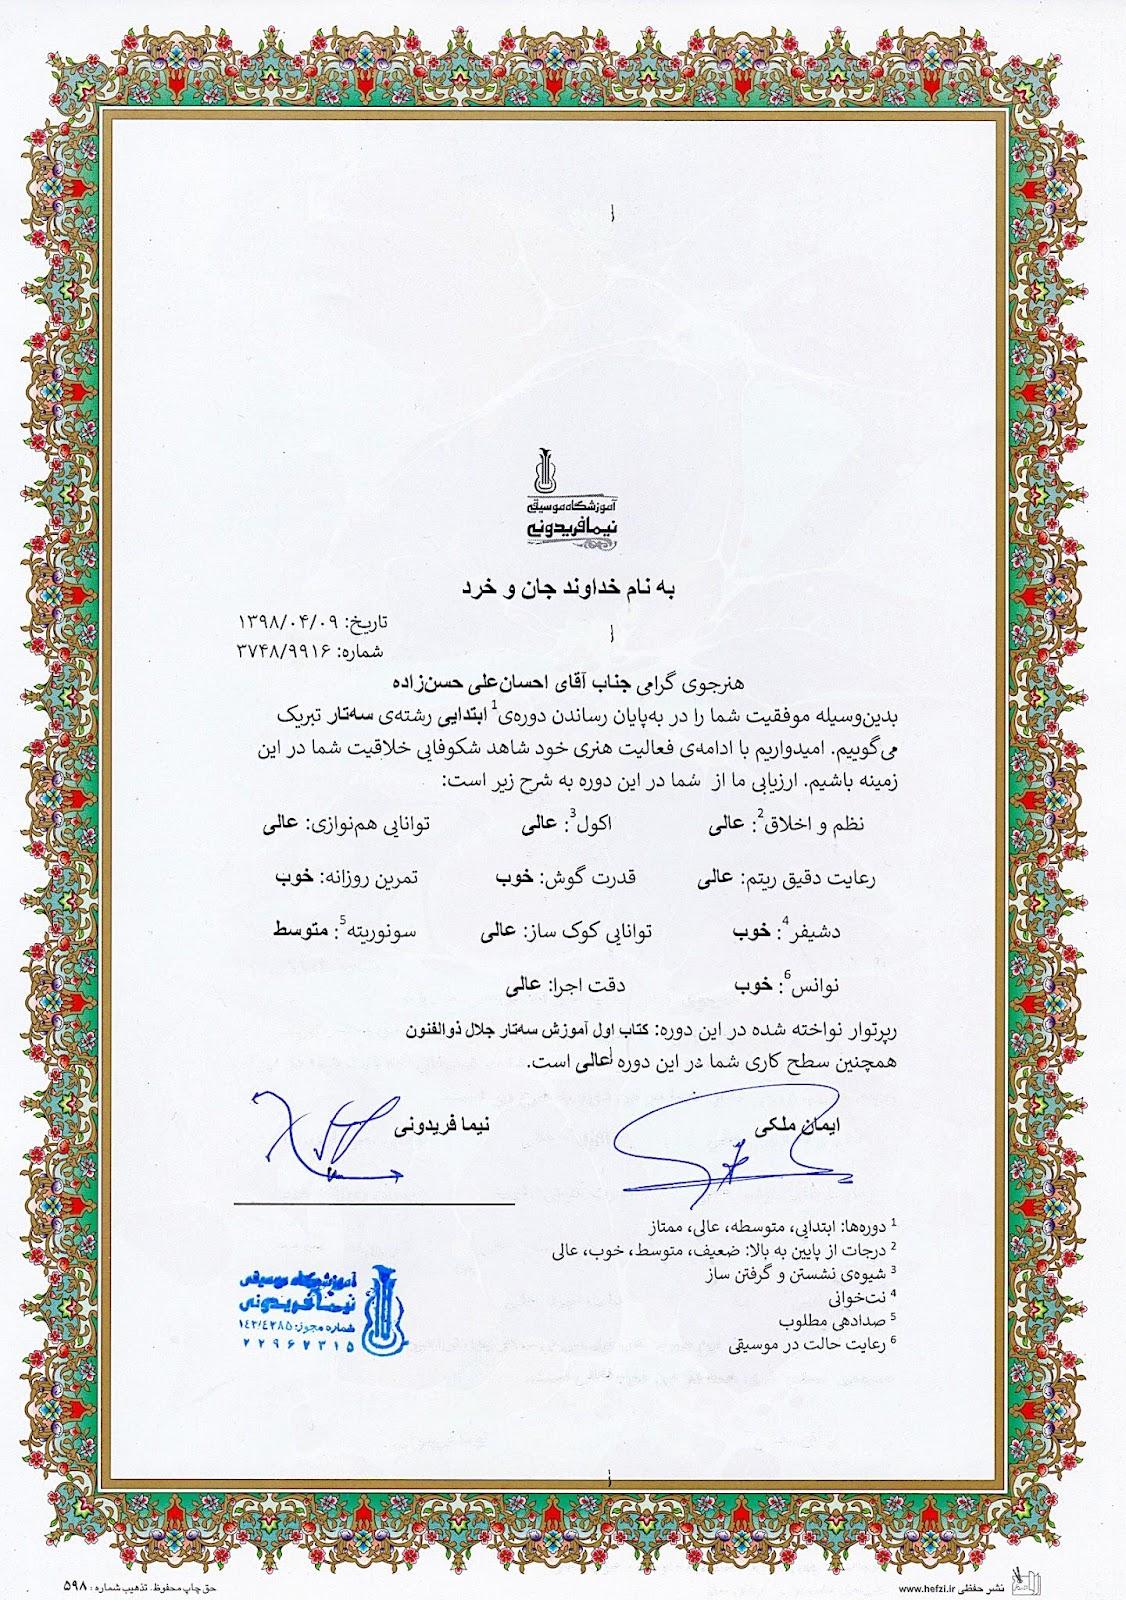 گواهینامهی پایاندورهی ابتدایی احسانعلی حسنزاده هنرجوی سهتار نیما فریدونی آموزشگاه موسیقی فریدونی